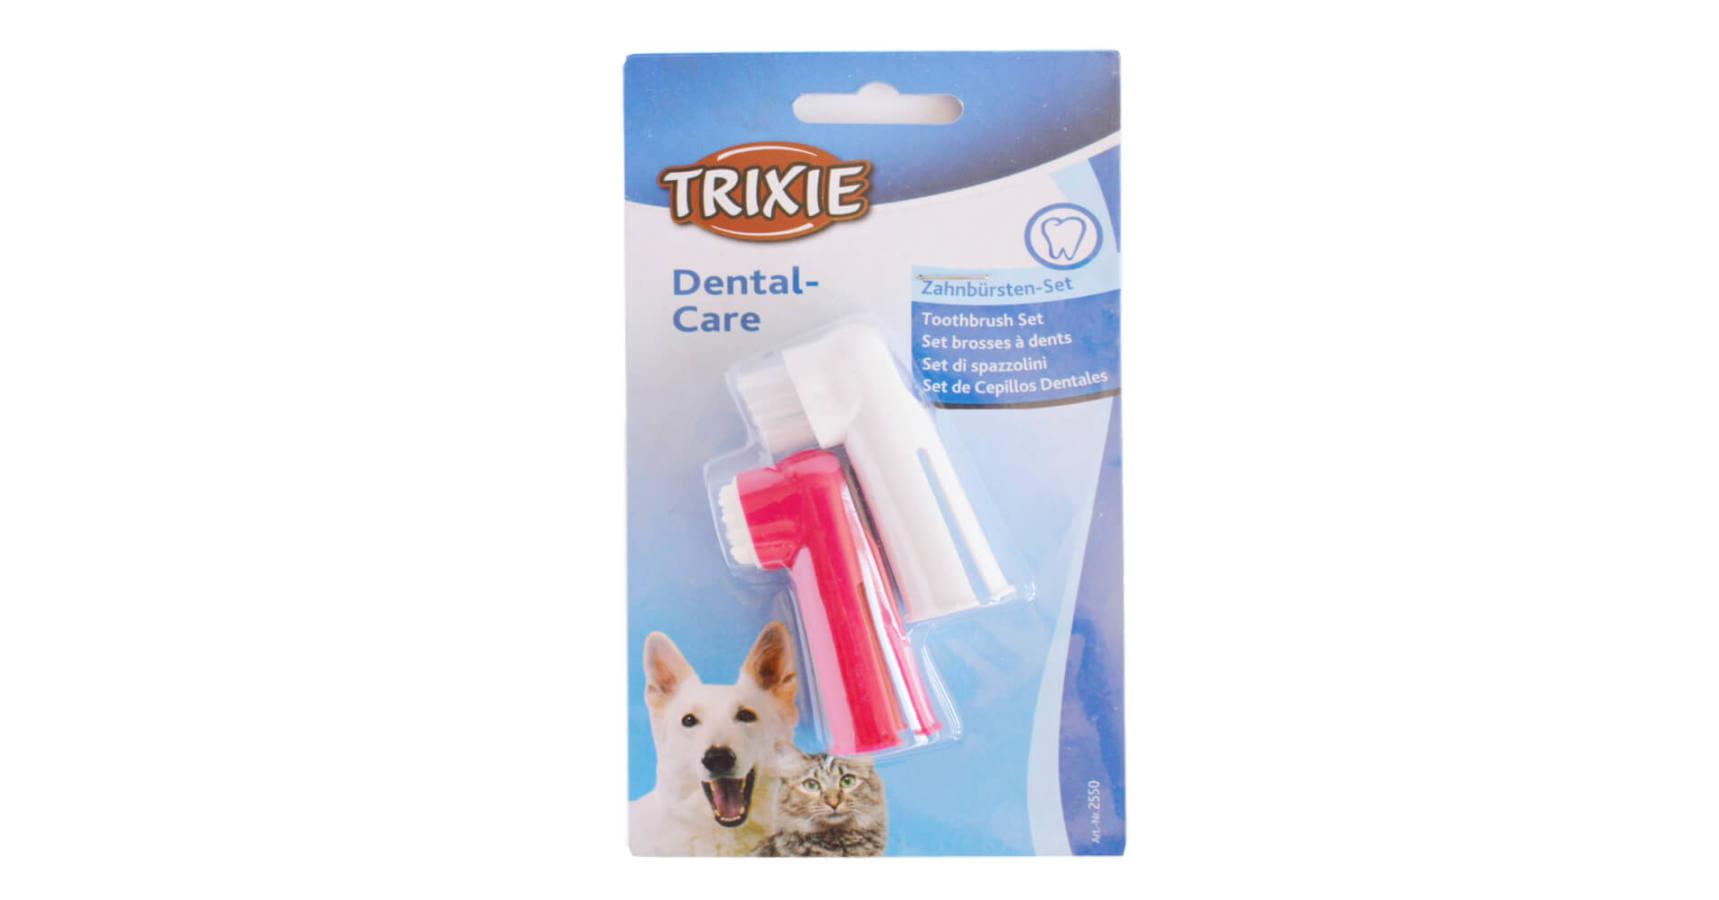 Trixie-ujjra-huzhato-fogkefe-szett